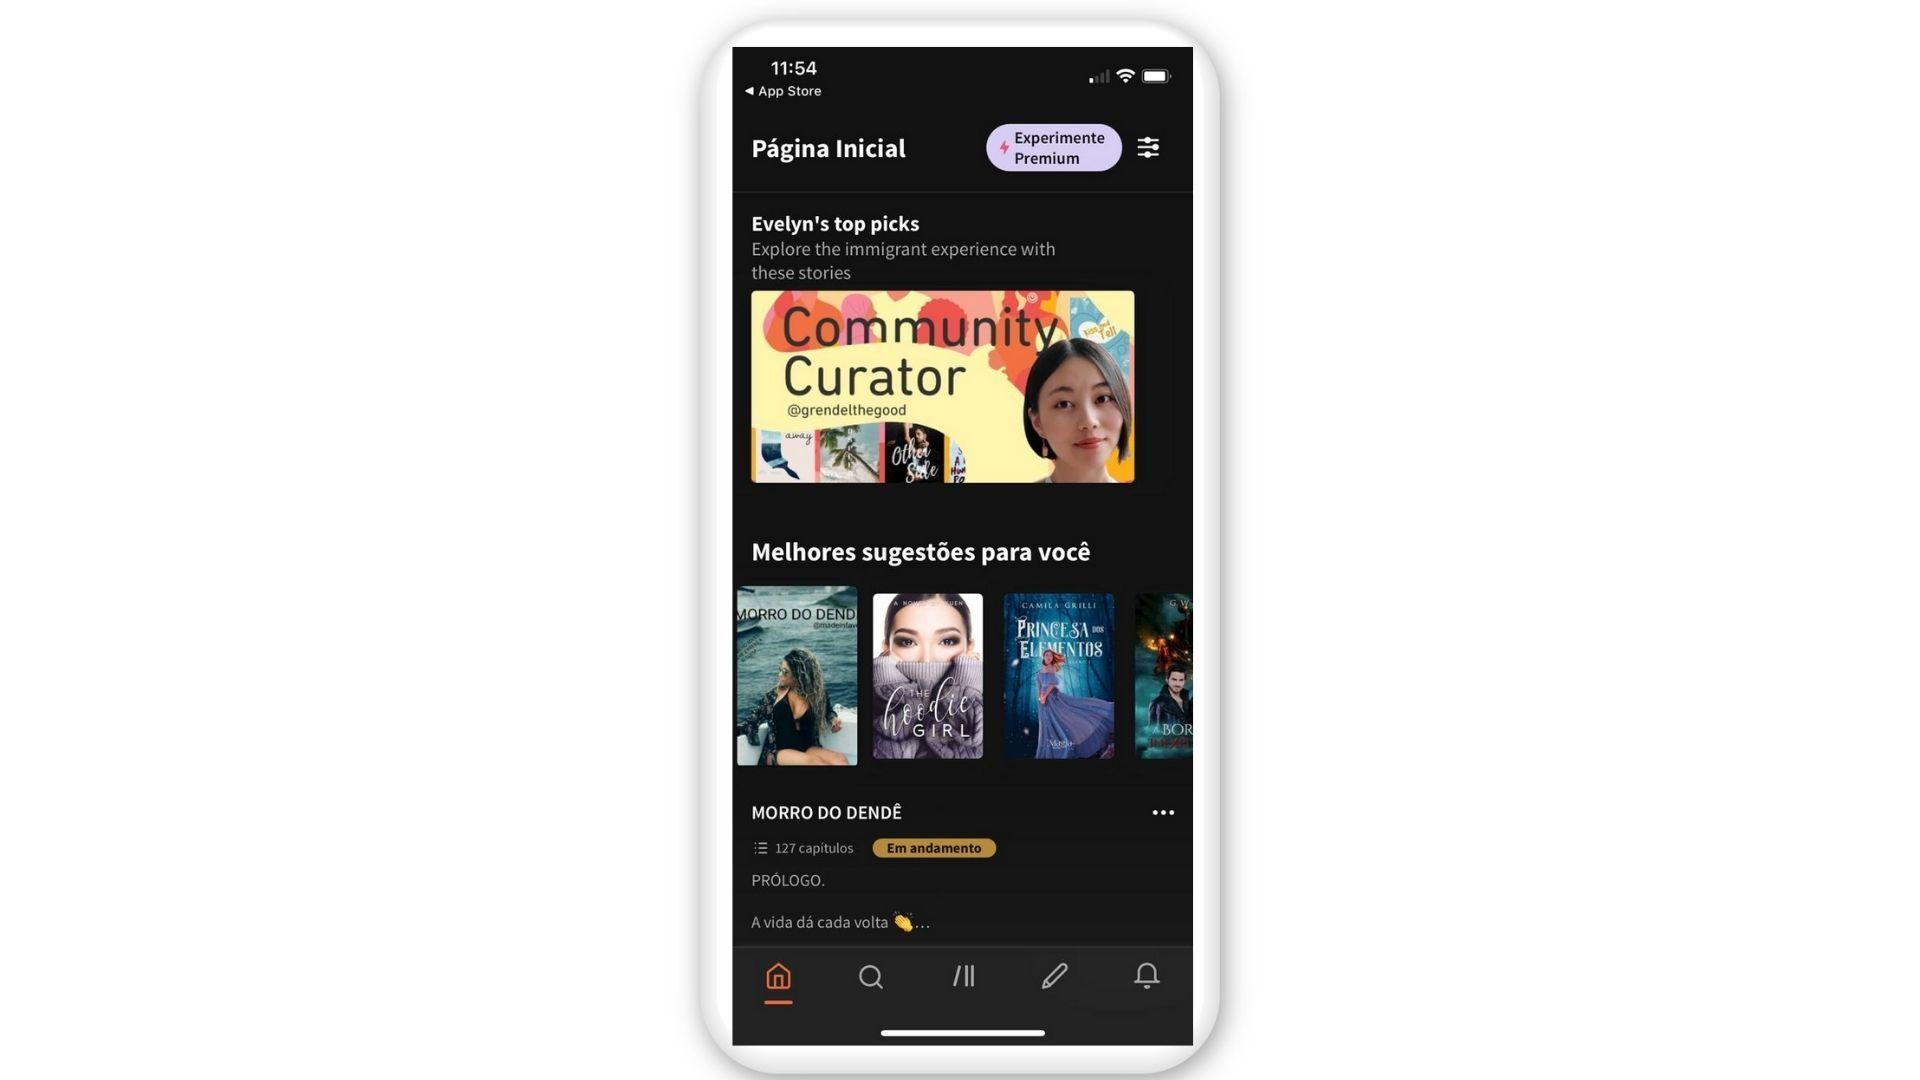 Tela inicial do Wattpad no iOS (Reprodução)